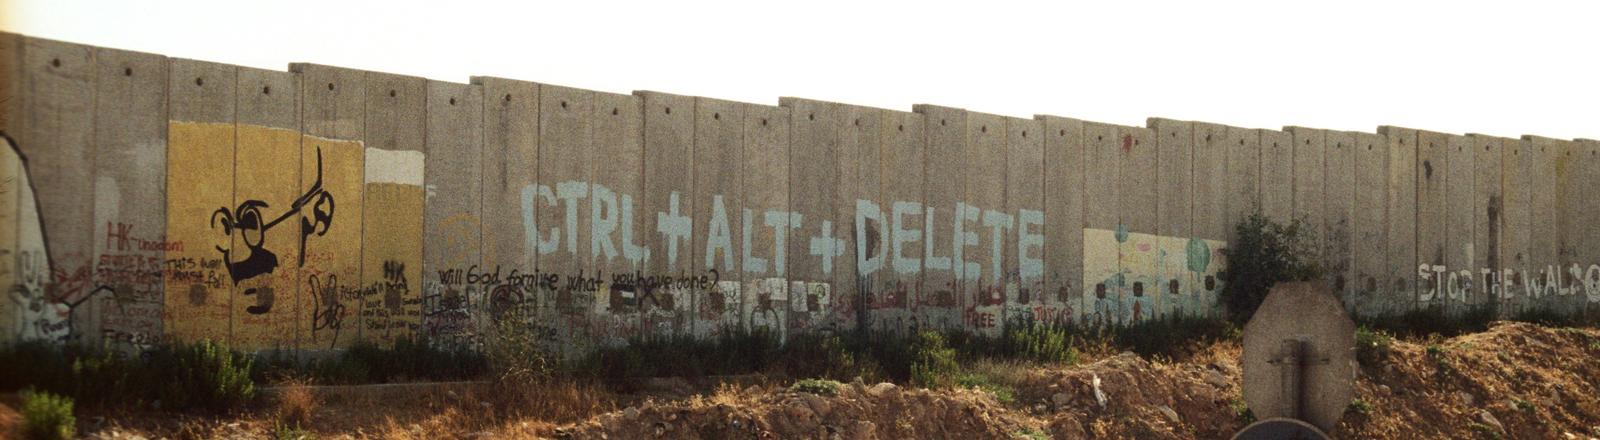 Sperranlage Israel